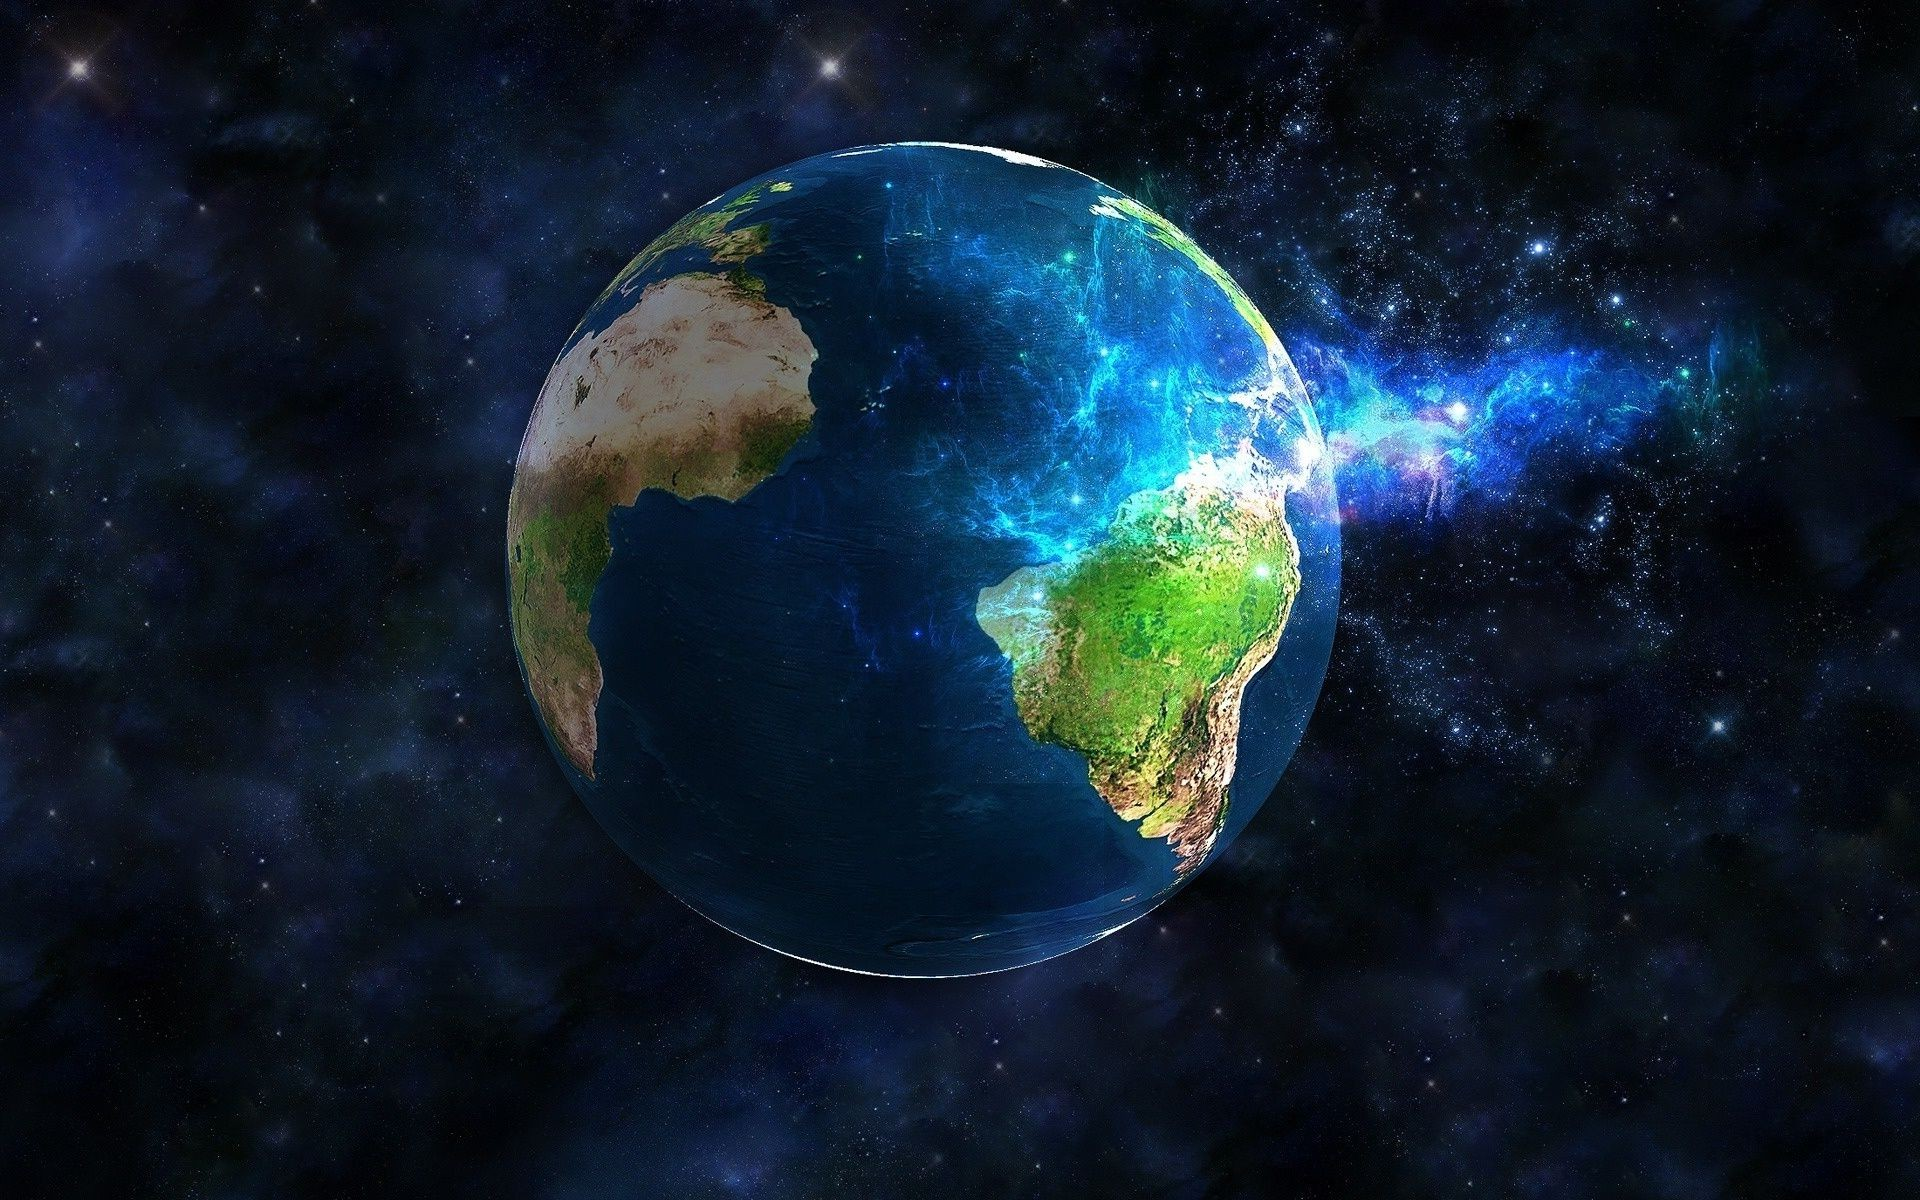 Обои на рабочий стол планета земля